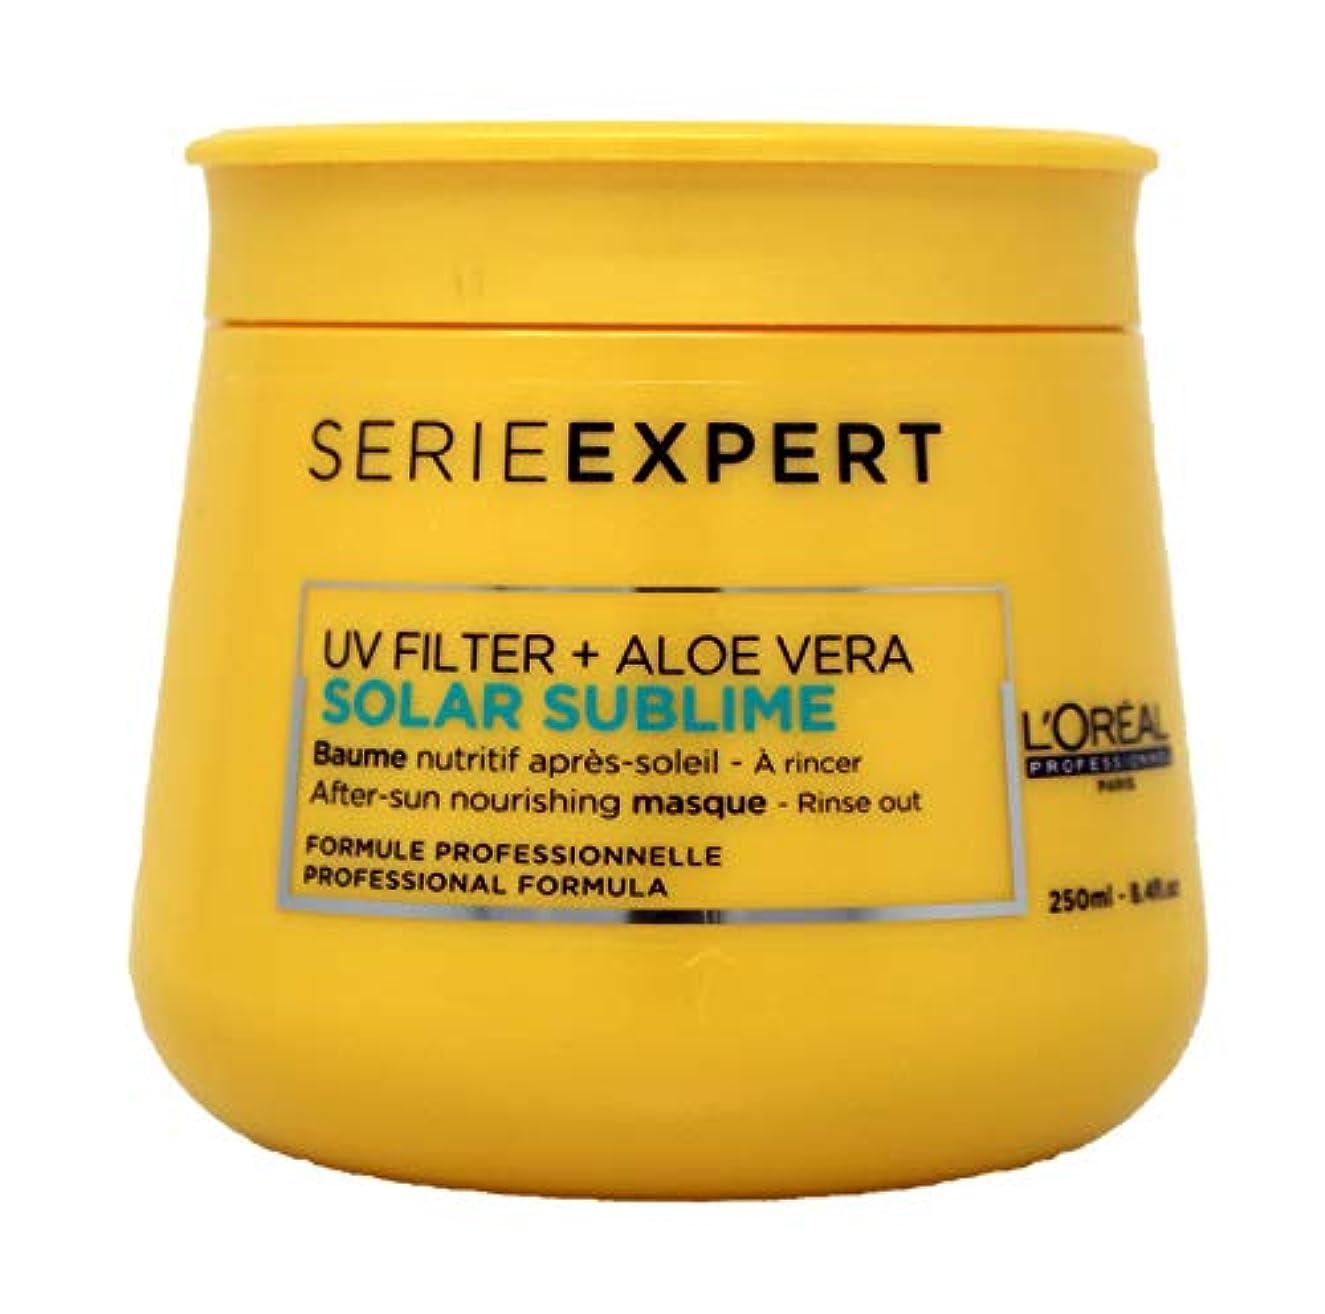 セリエエキスパートソーラーサブライムマスク250ml(2019 UVフィルター+アロエベラ配合)